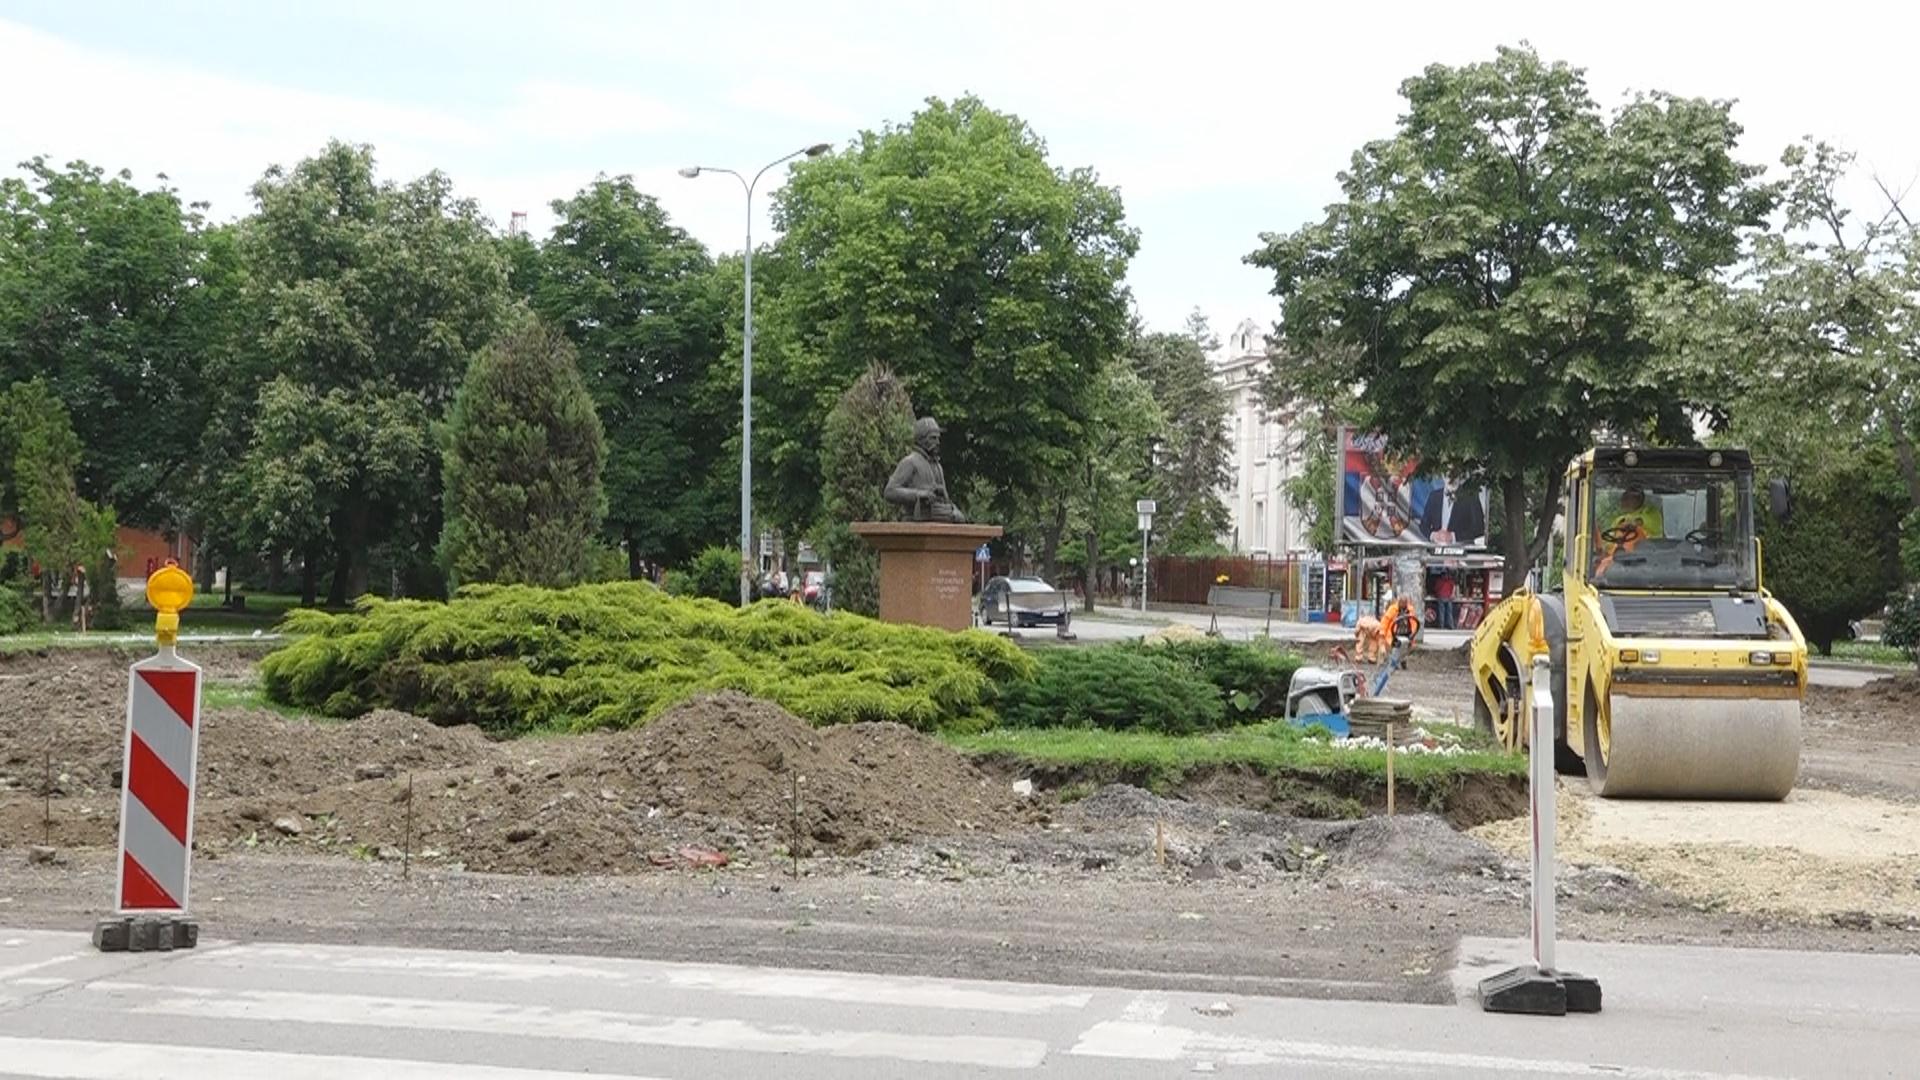 Zbog izvođenja radova na ukrštanju ulica Moše Pijade i Jovana Šerbanovića biće obustavljen saobraćaj od 14.6 od 1.8.2019. godine 19541